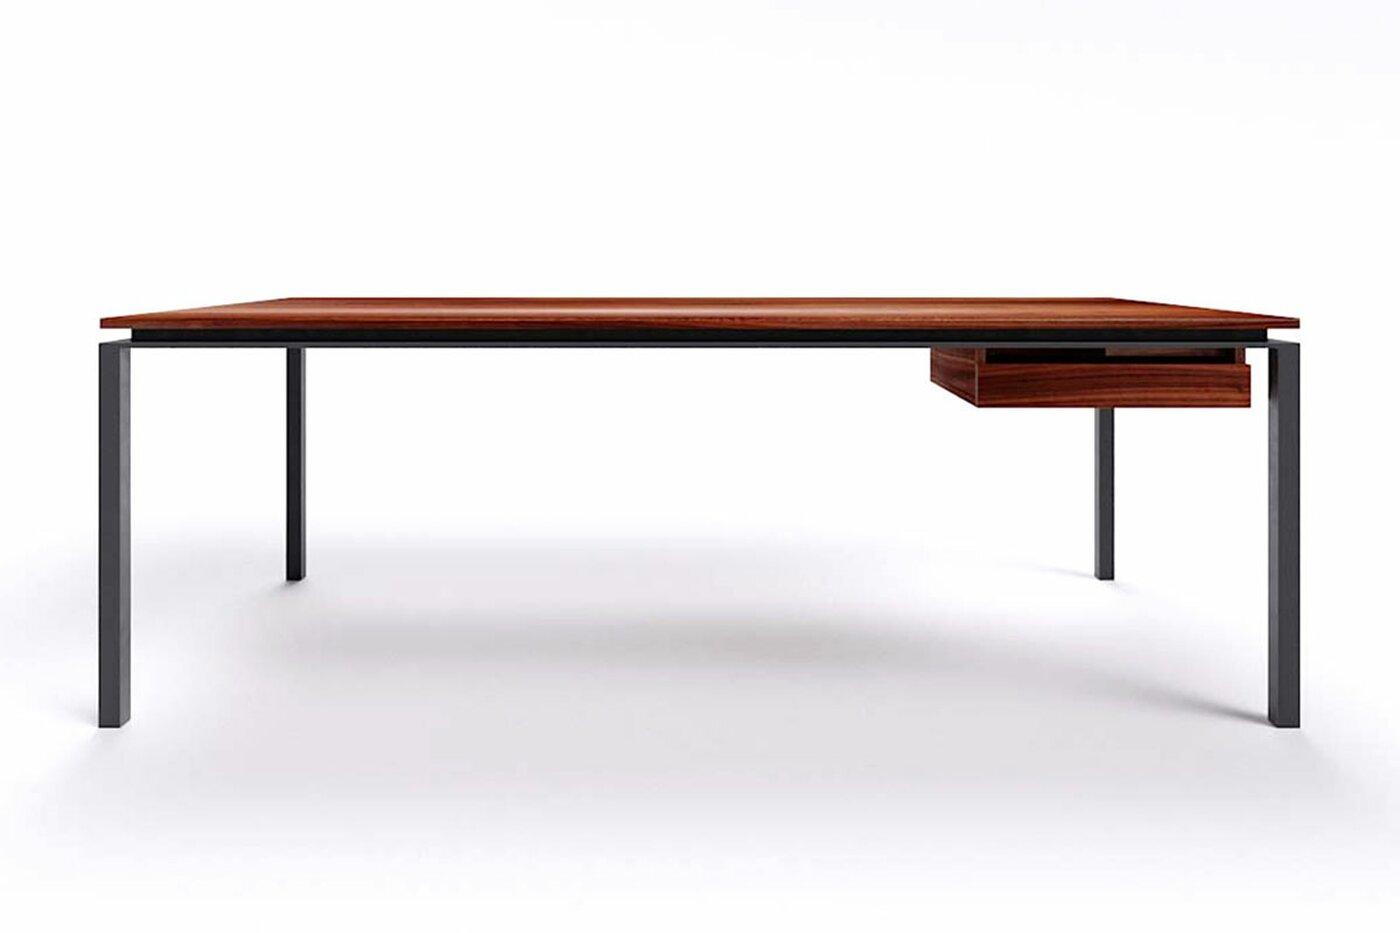 Schreibtisch modern Nussbaum nach Maß Filigrando